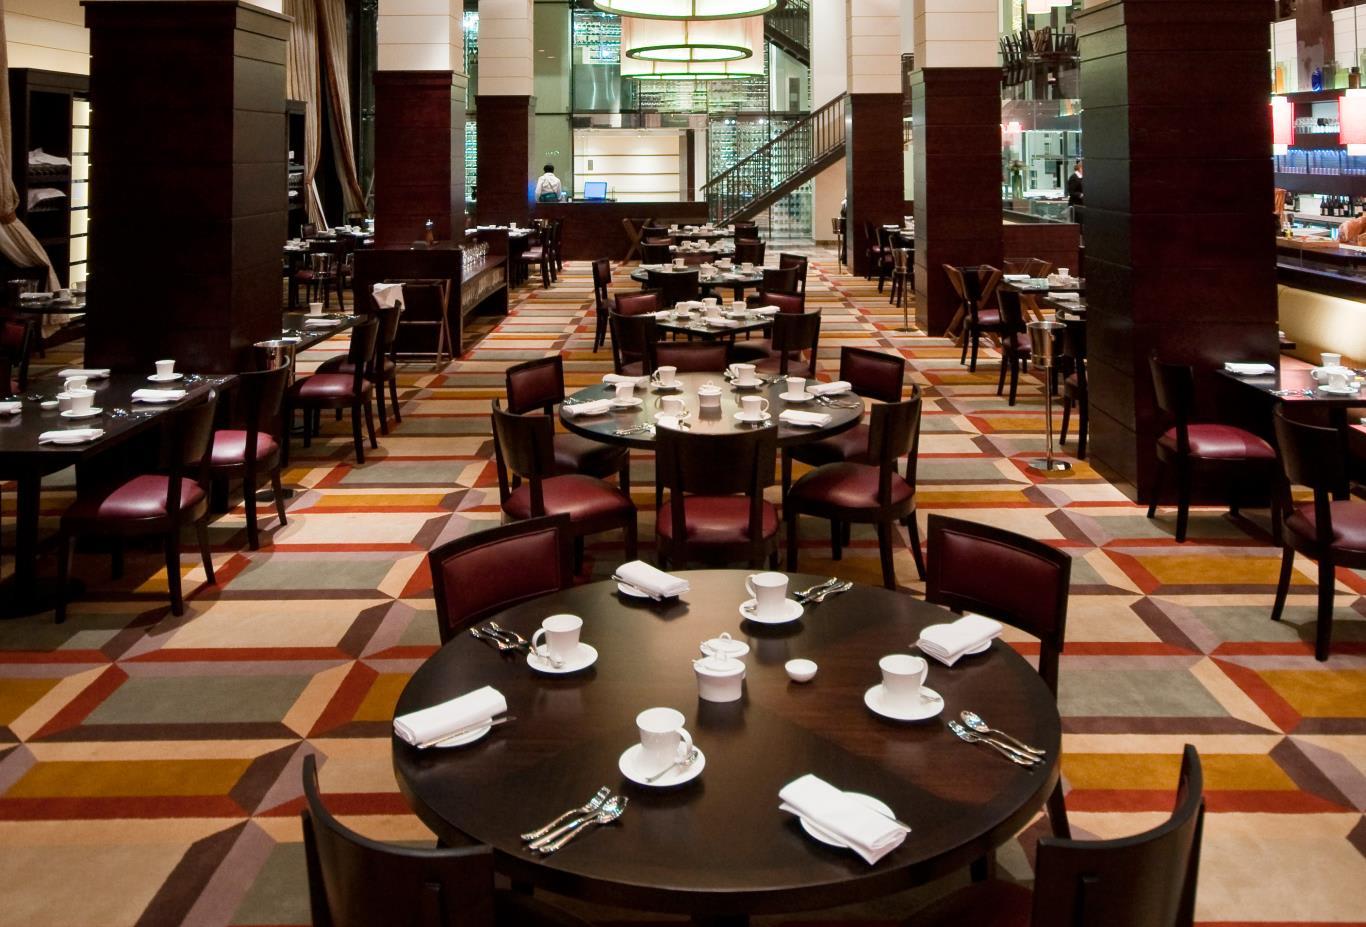 Ruebens Restaurant